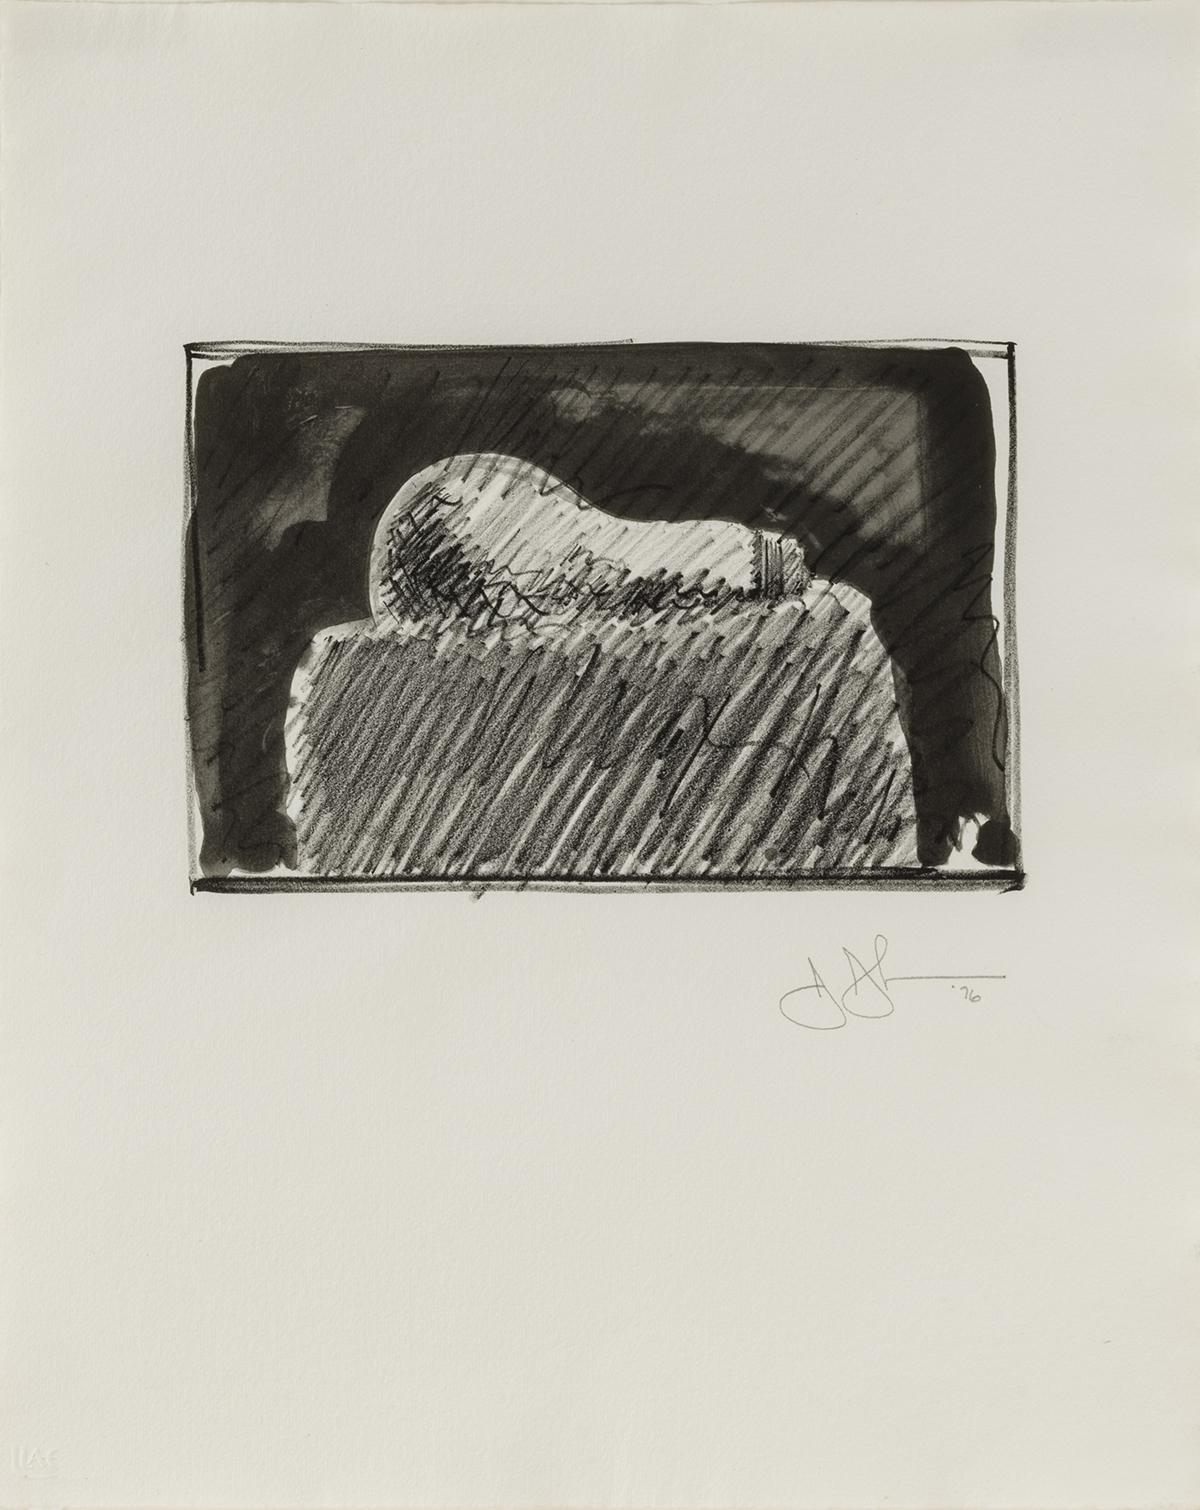 Light Bulb by Jasper Johns